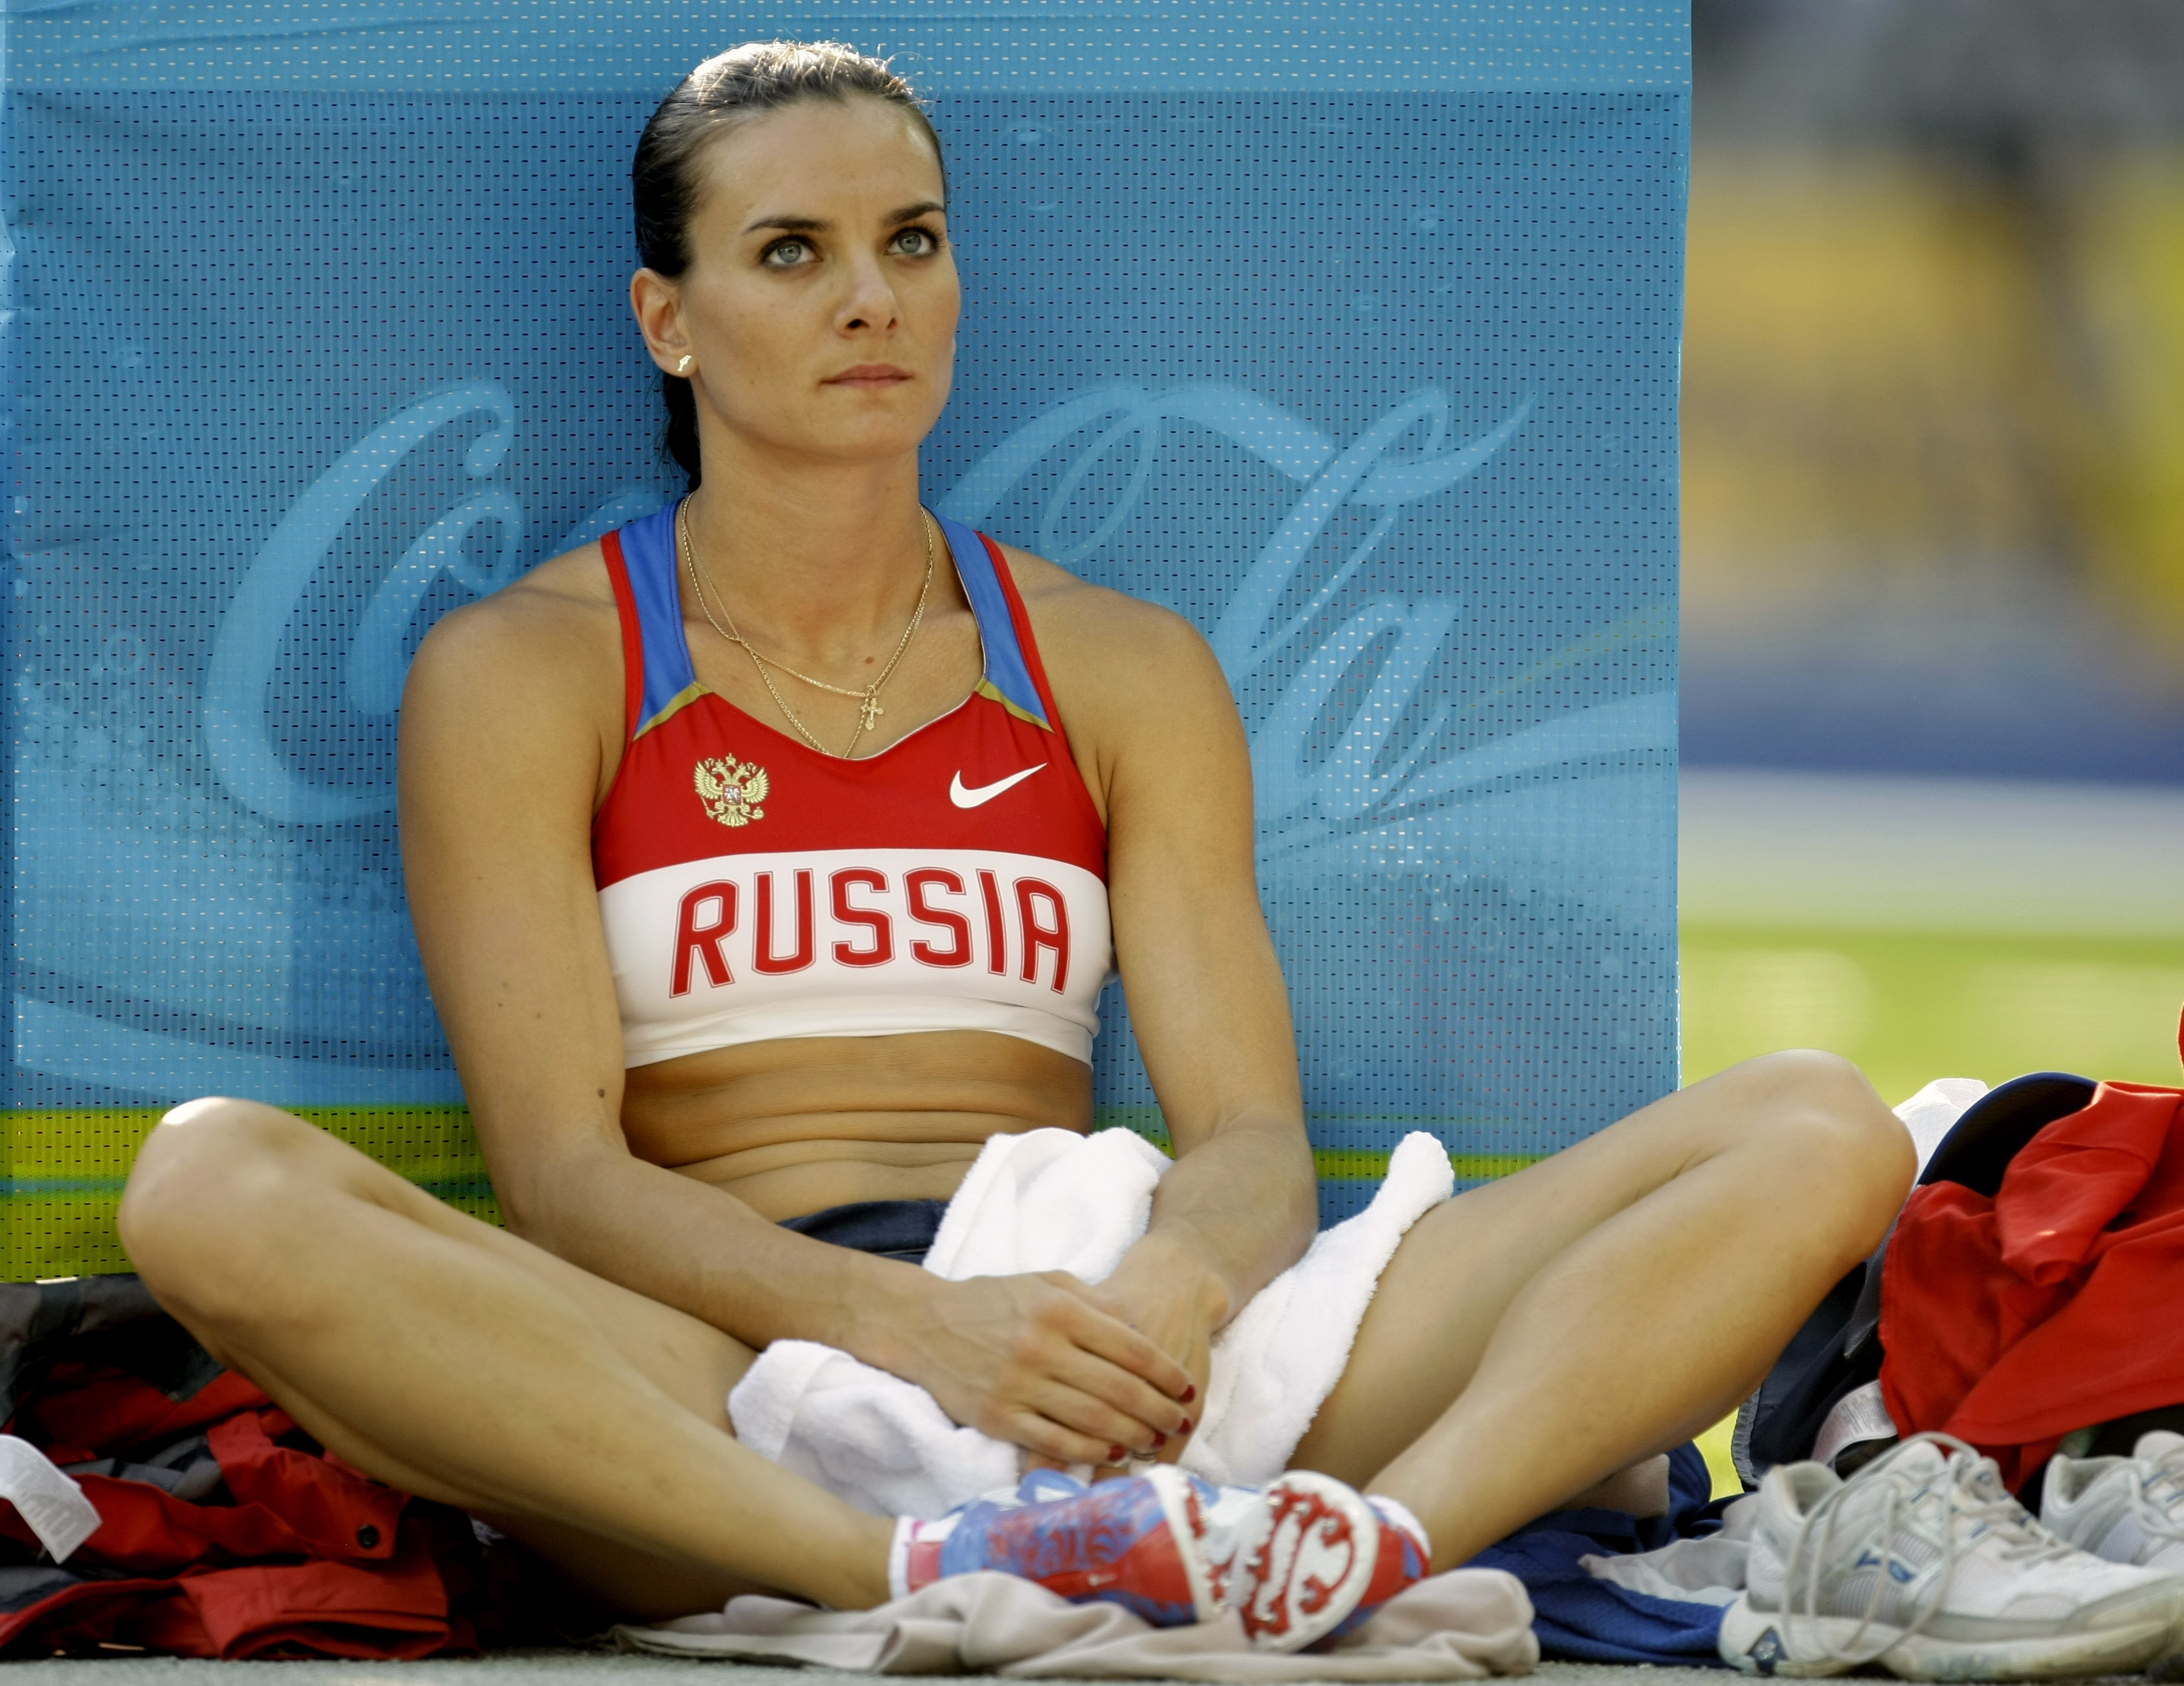 Фото женщин россии обнаженка частное 6 фотография